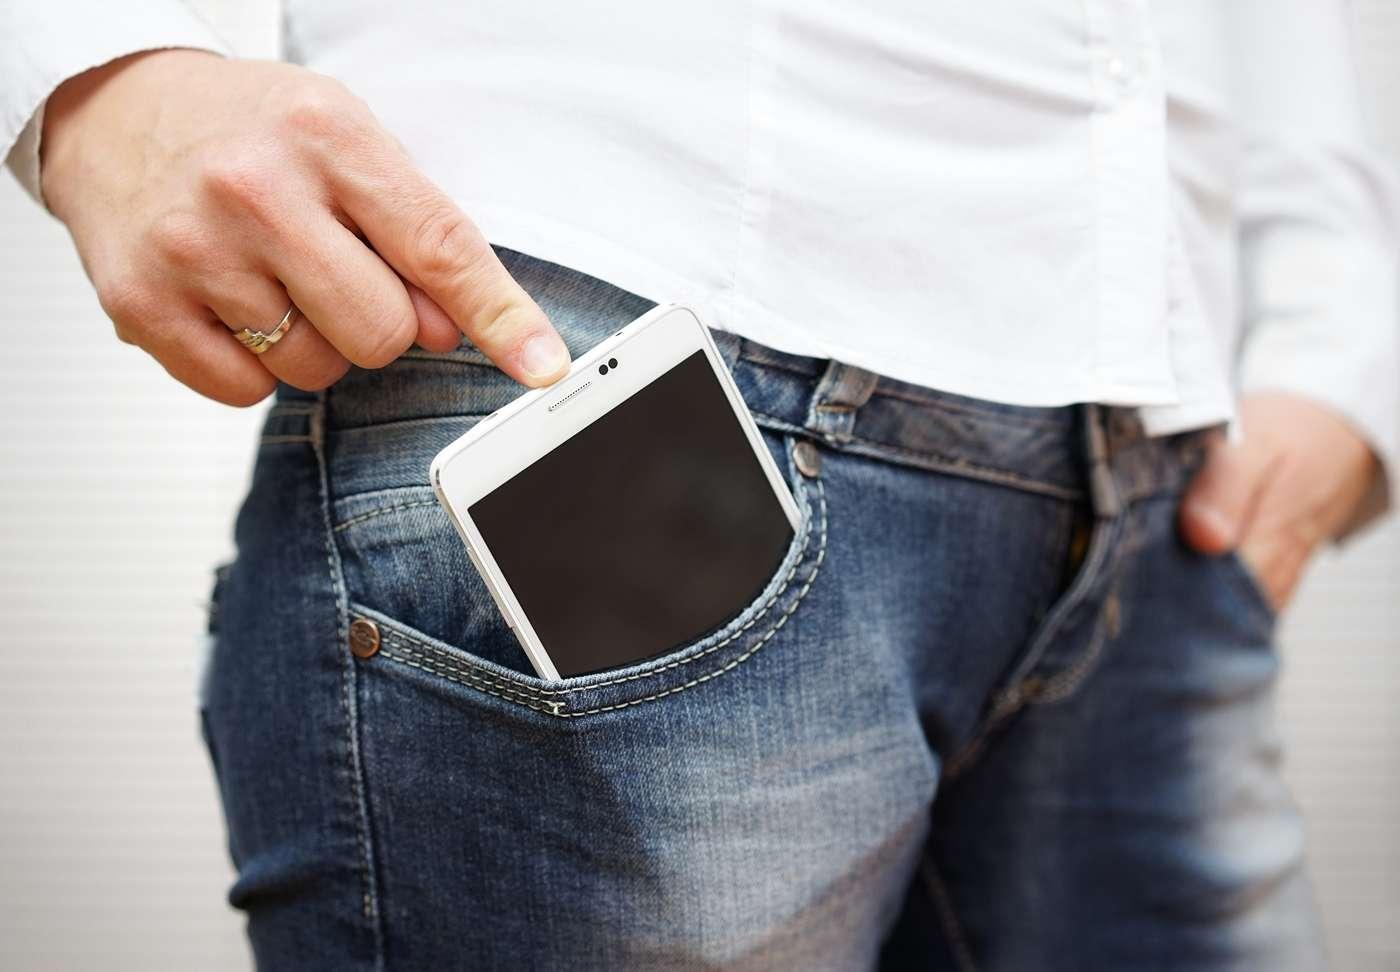 À mi-chemin entre la tablette tactile et le smartphone, la phablette désigne un terminal dont l'écran a une taille entre 5 et 6,9 pouces et que l'on peut tenir d'une main pour téléphoner. La glisser dans une poche de pantalon est une autre affaire… © Bacho, Shutterstock